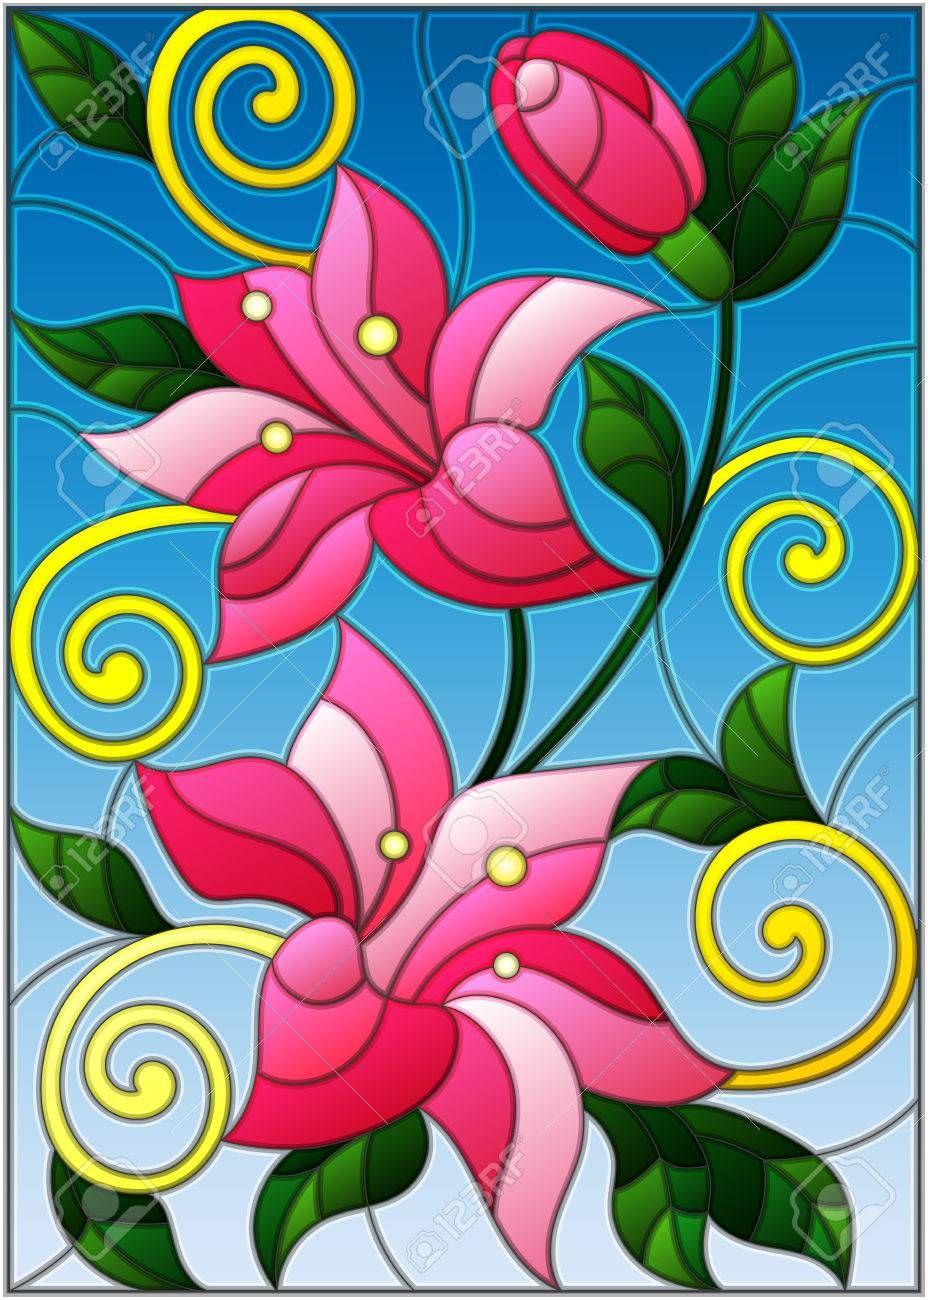 Ilustracion En Estilo Vitral Con Flores Y Hojas De Lirios Vitrales Pintados Pintura En Vitral Vitrales